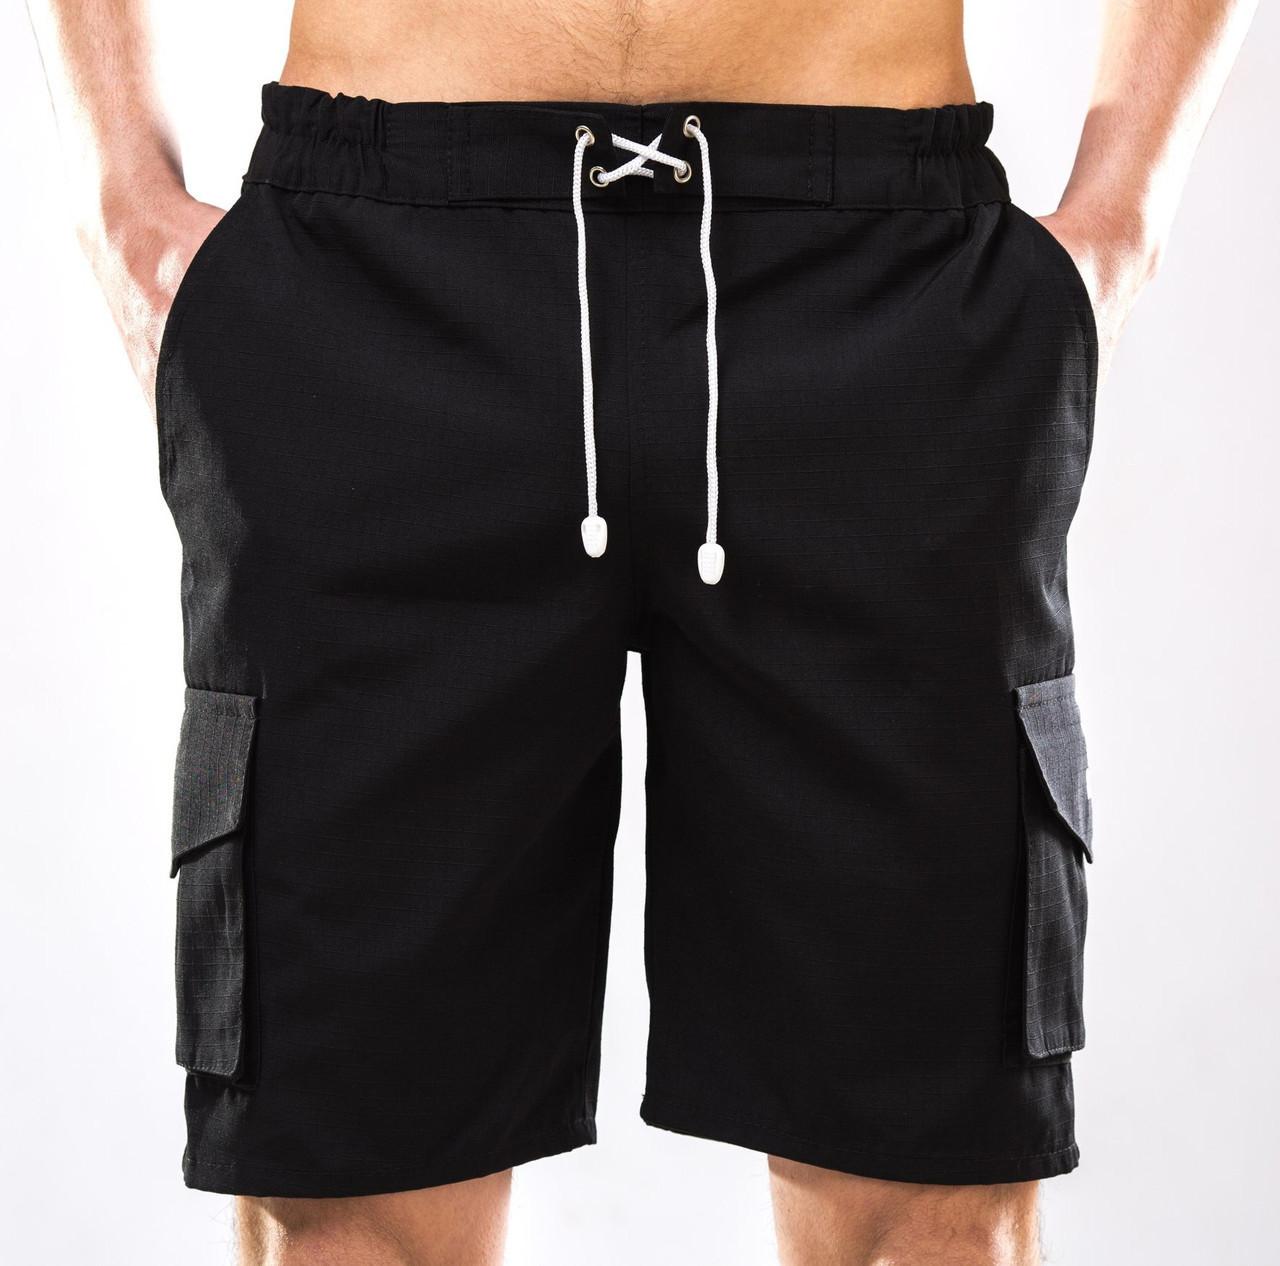 Шорты мужские черные YSTB с накладными карманами на резинке (рип-стоп, шорты - 8f025df62dc